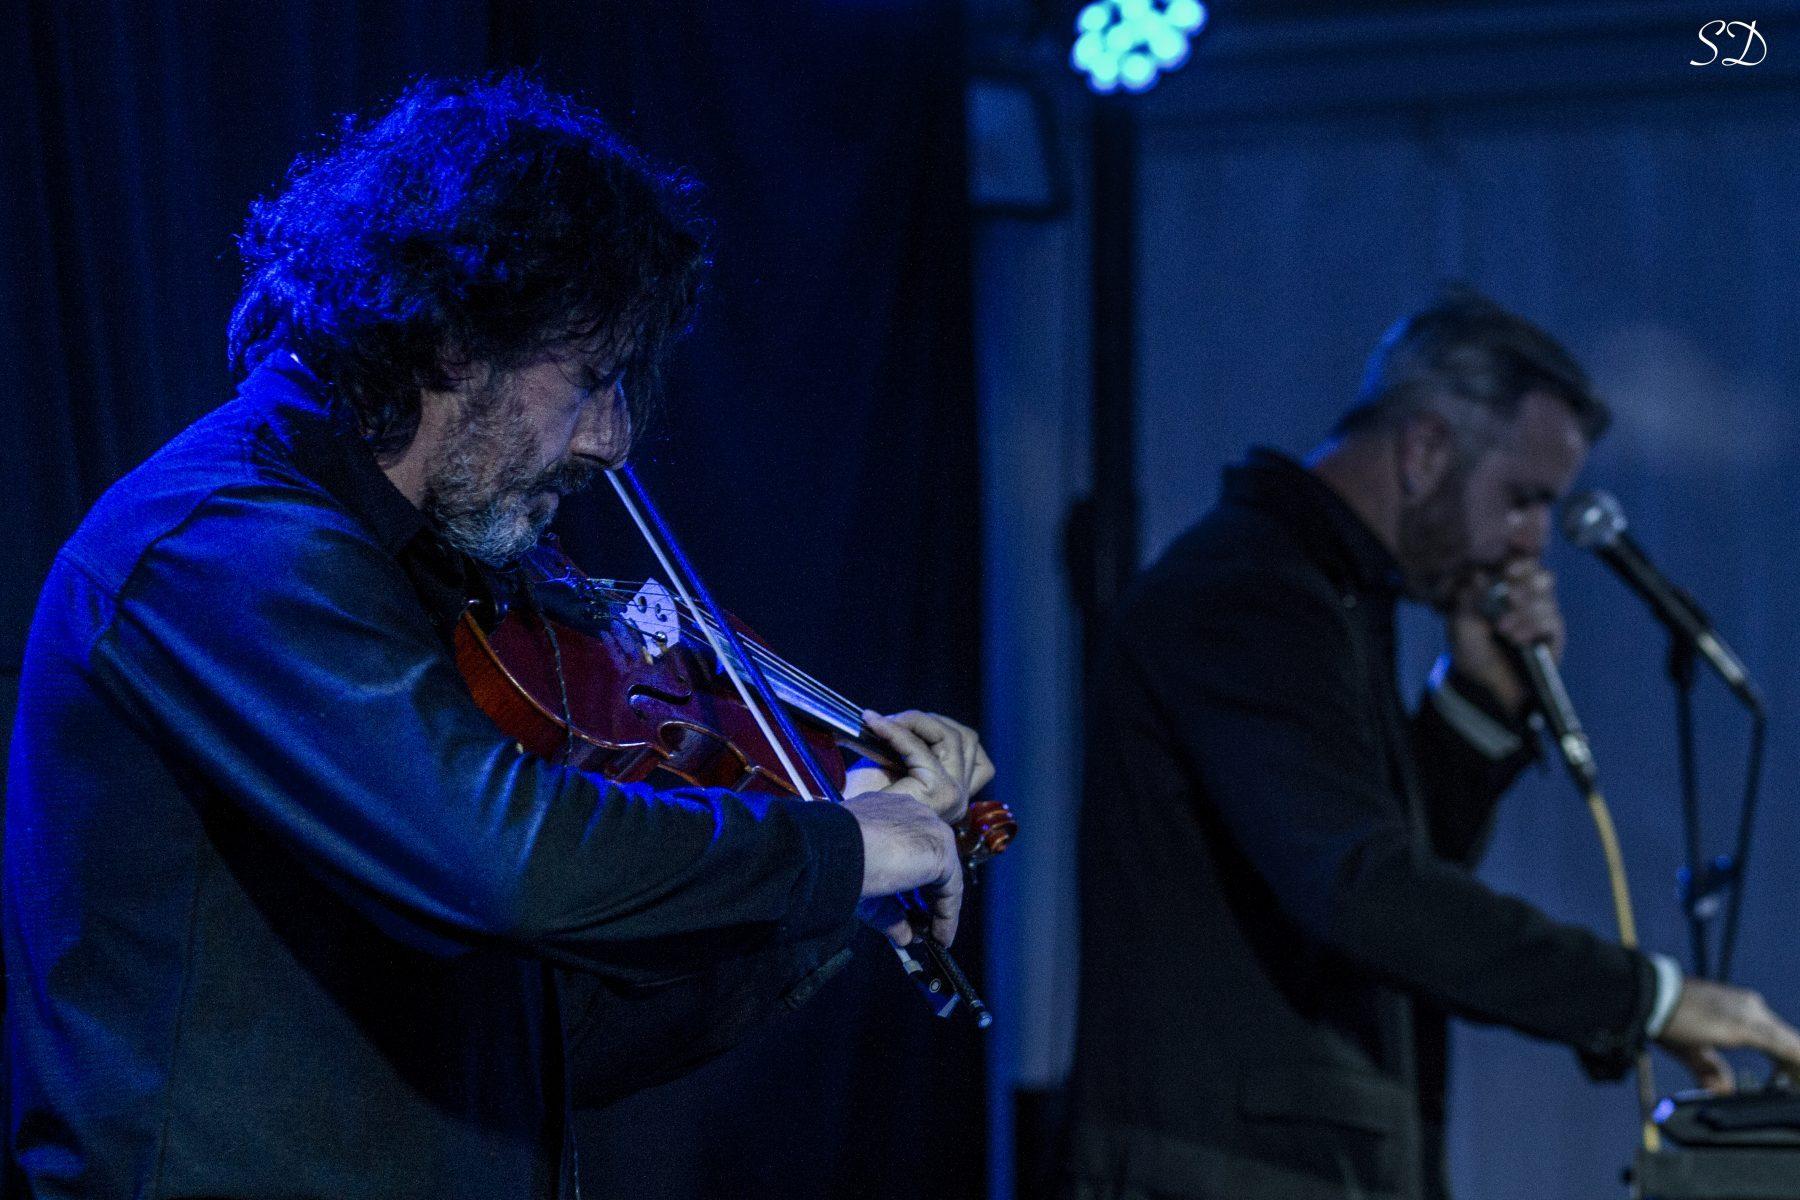 kme - live report - c'mon tigre - stefania desotgiu - sa scena sarda - 2019 - karel music expo